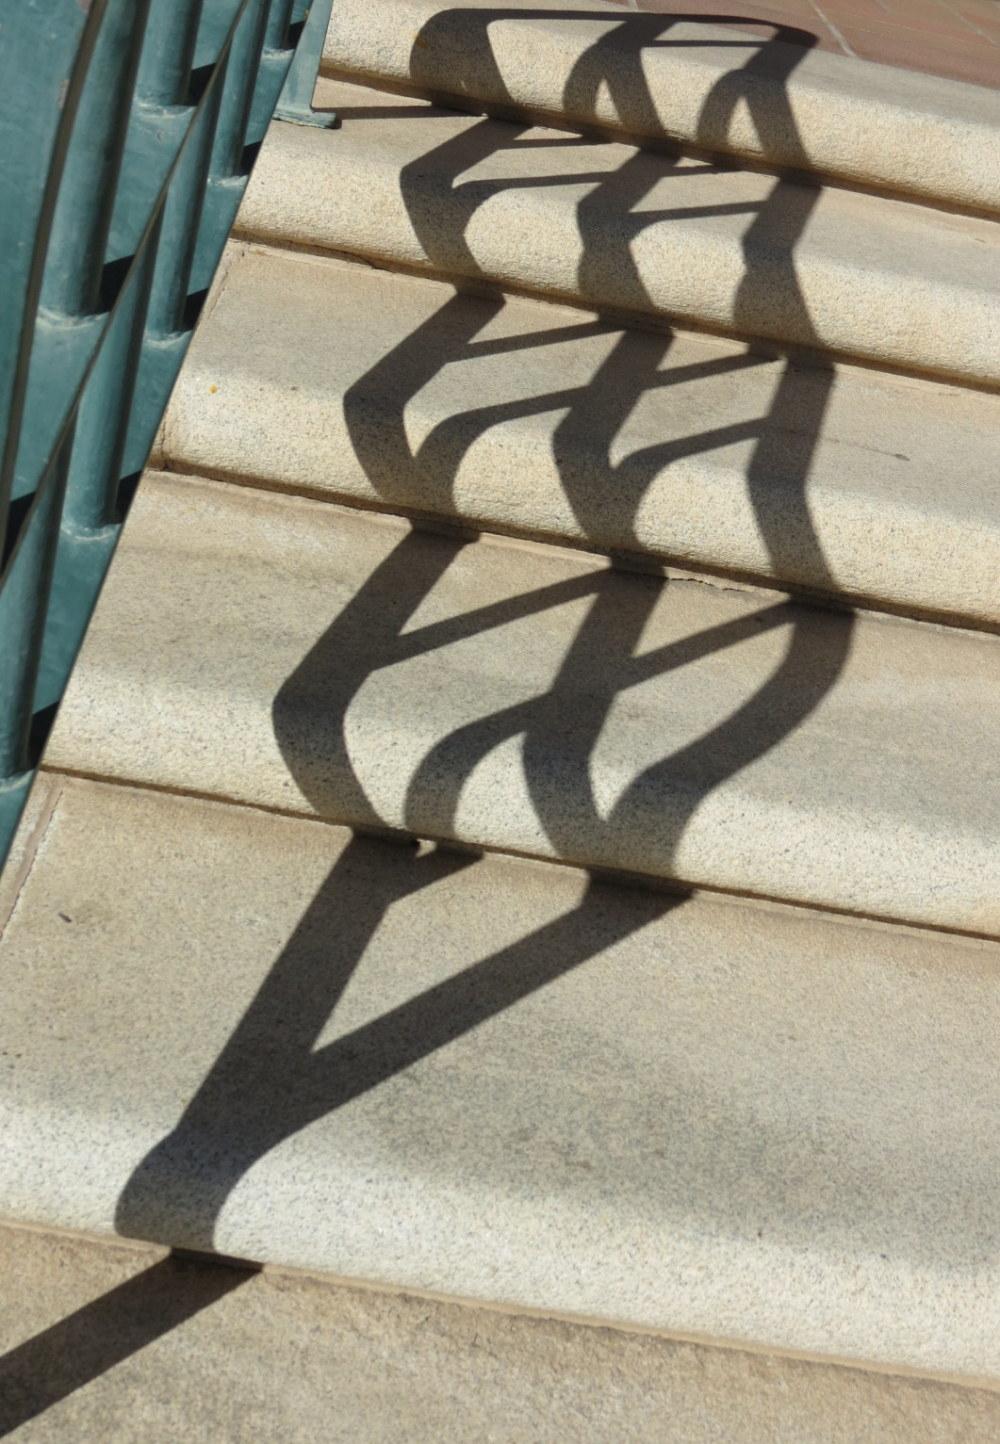 escalier en dentelle   -  stair laces